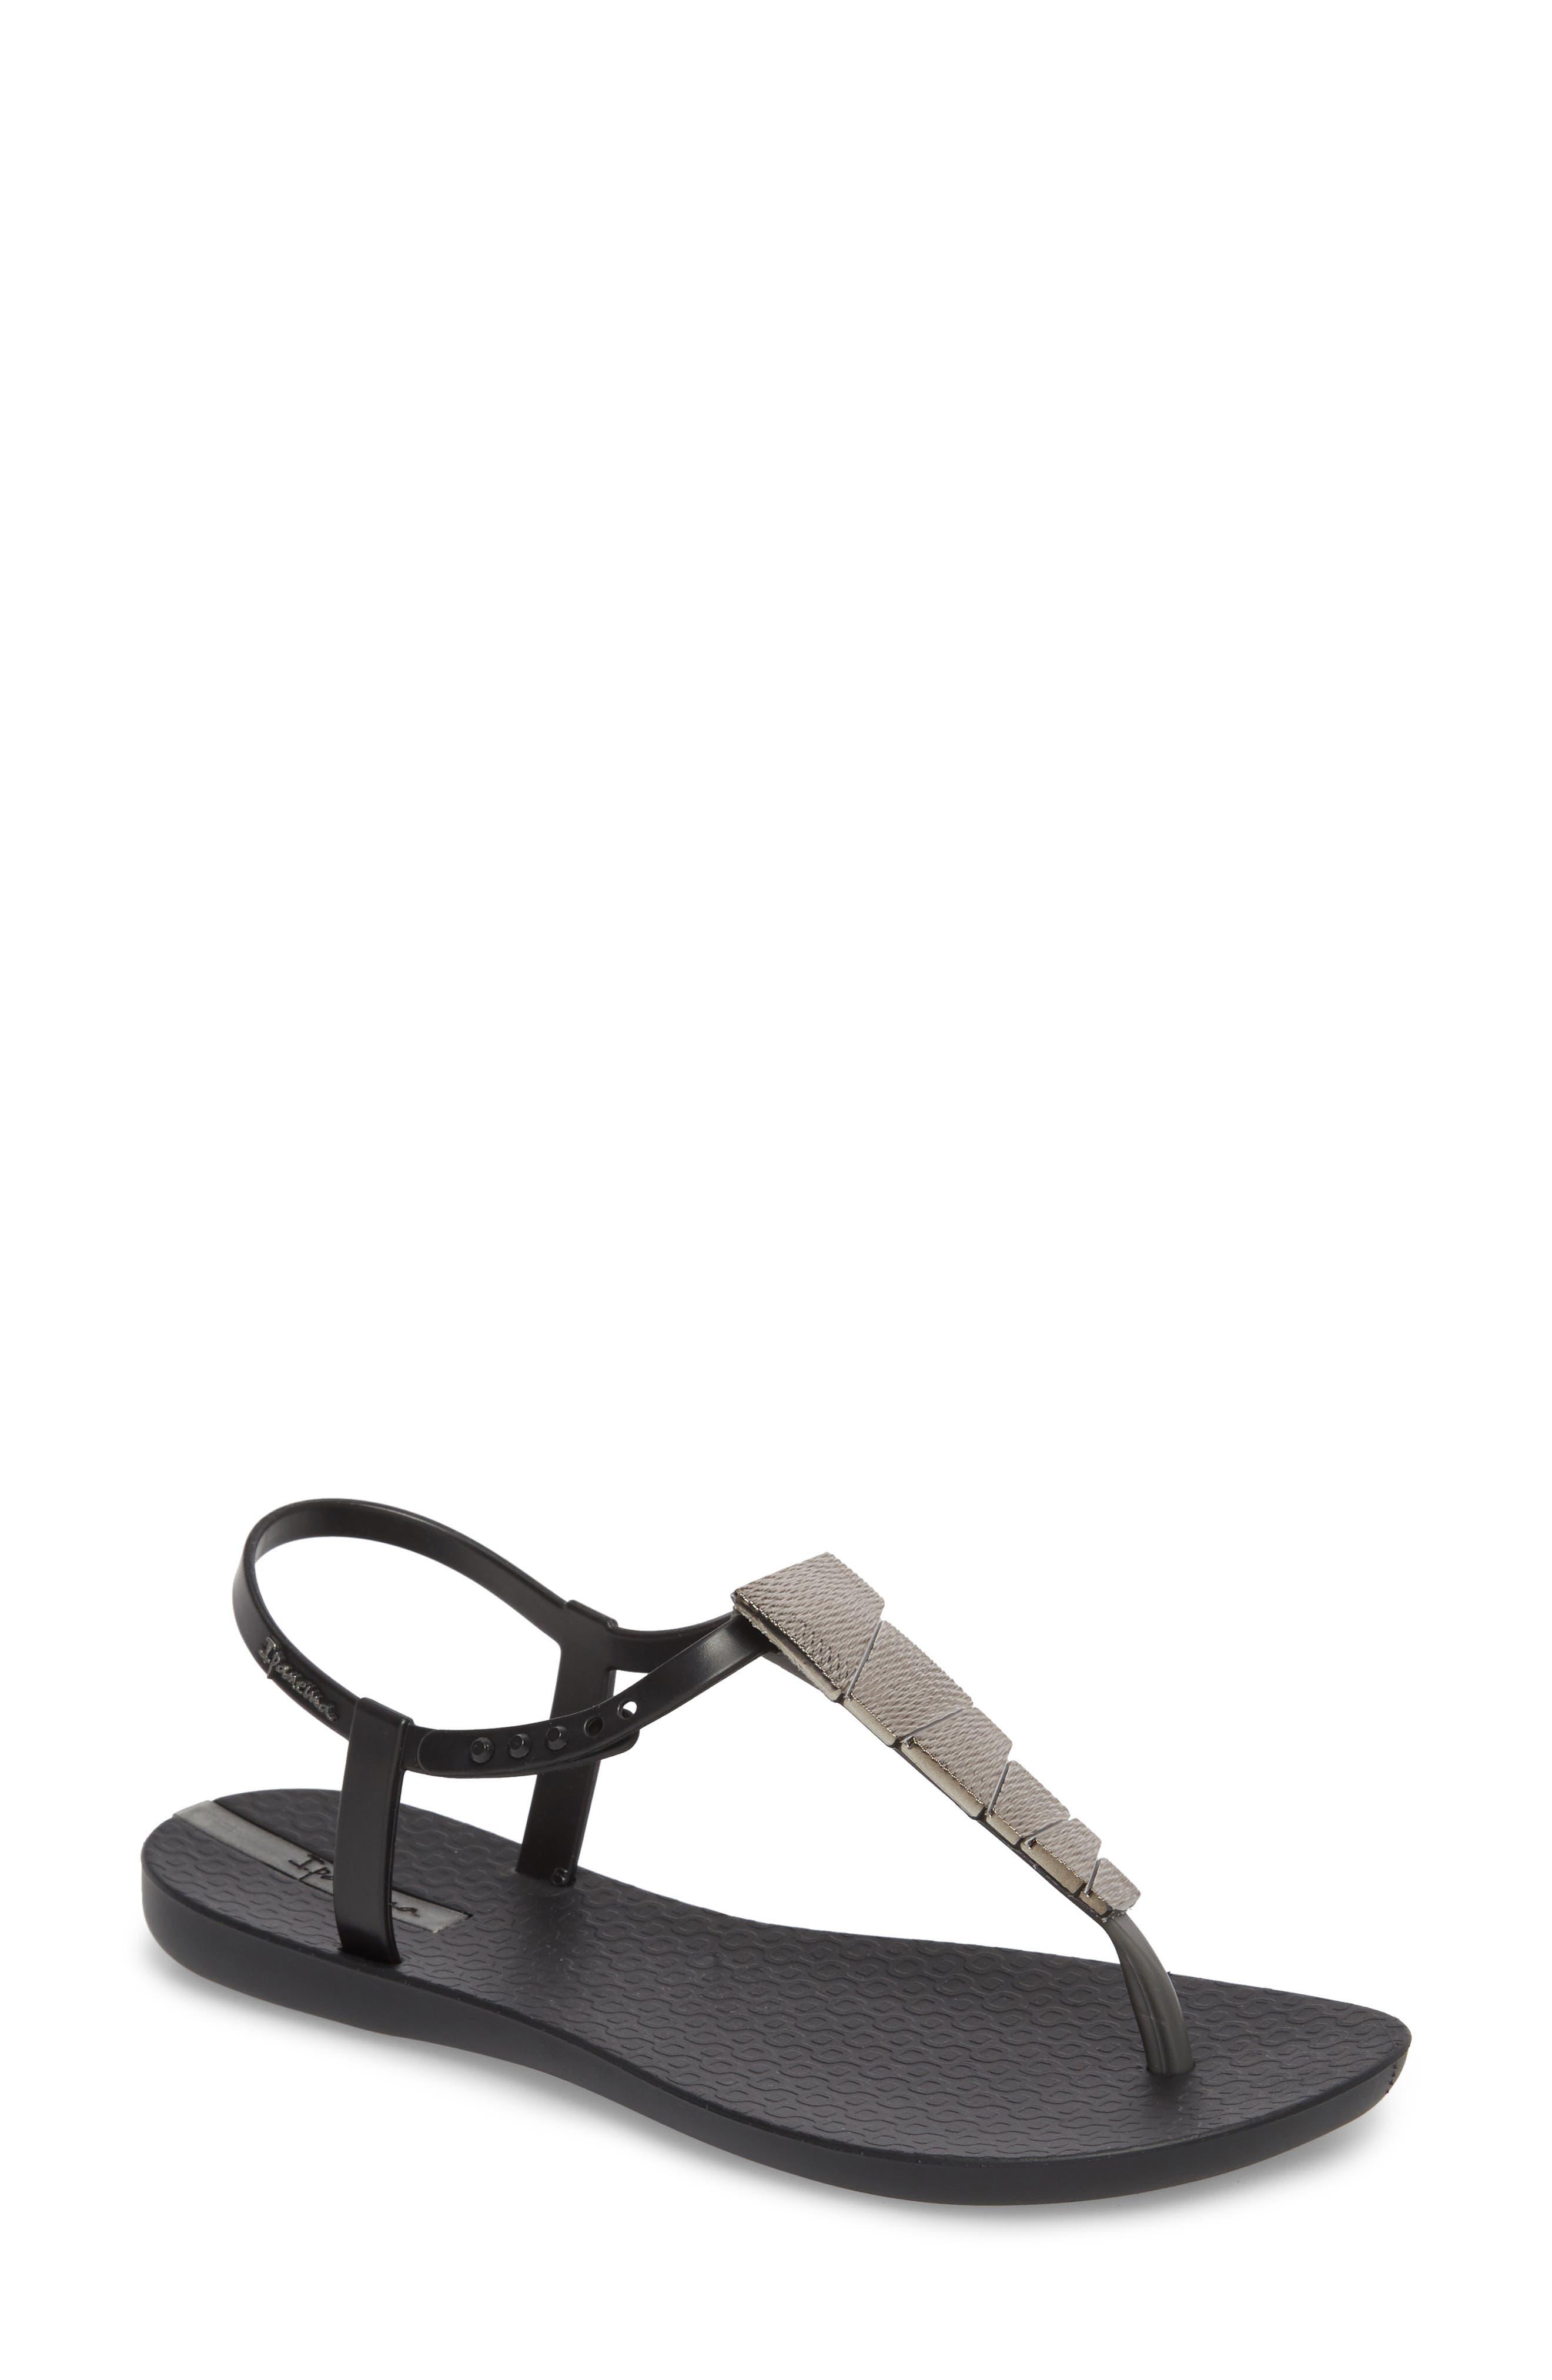 Leah Sandal,                         Main,                         color, Black/ Black